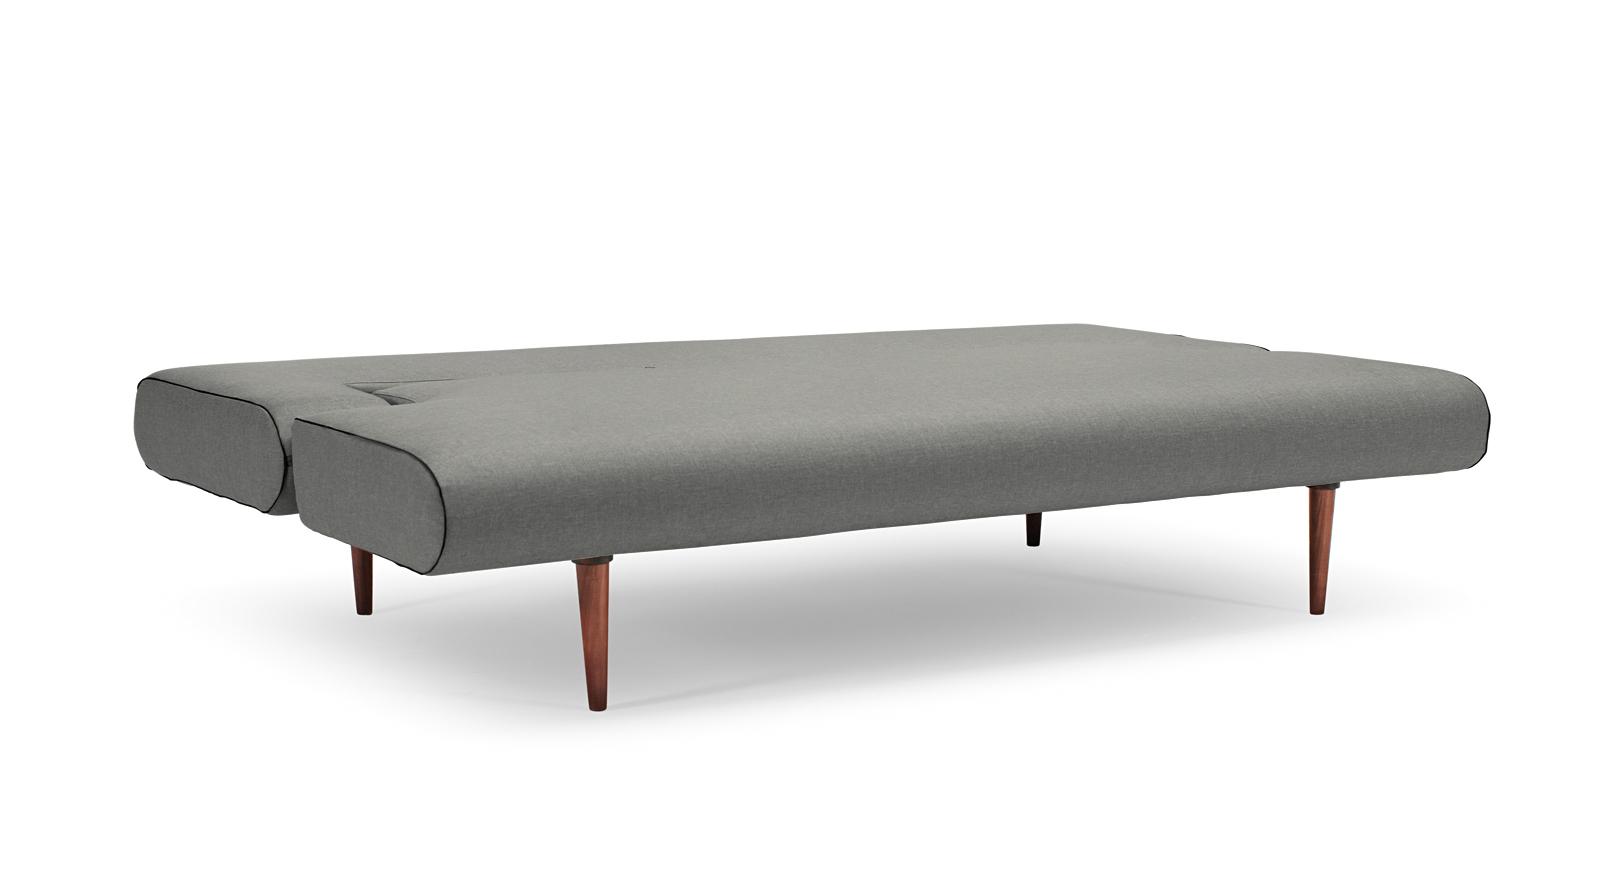 elinkume lichterkette led 50er batterie 3v 2w 5meters innen warmwei romantisch f r zimmer bett. Black Bedroom Furniture Sets. Home Design Ideas